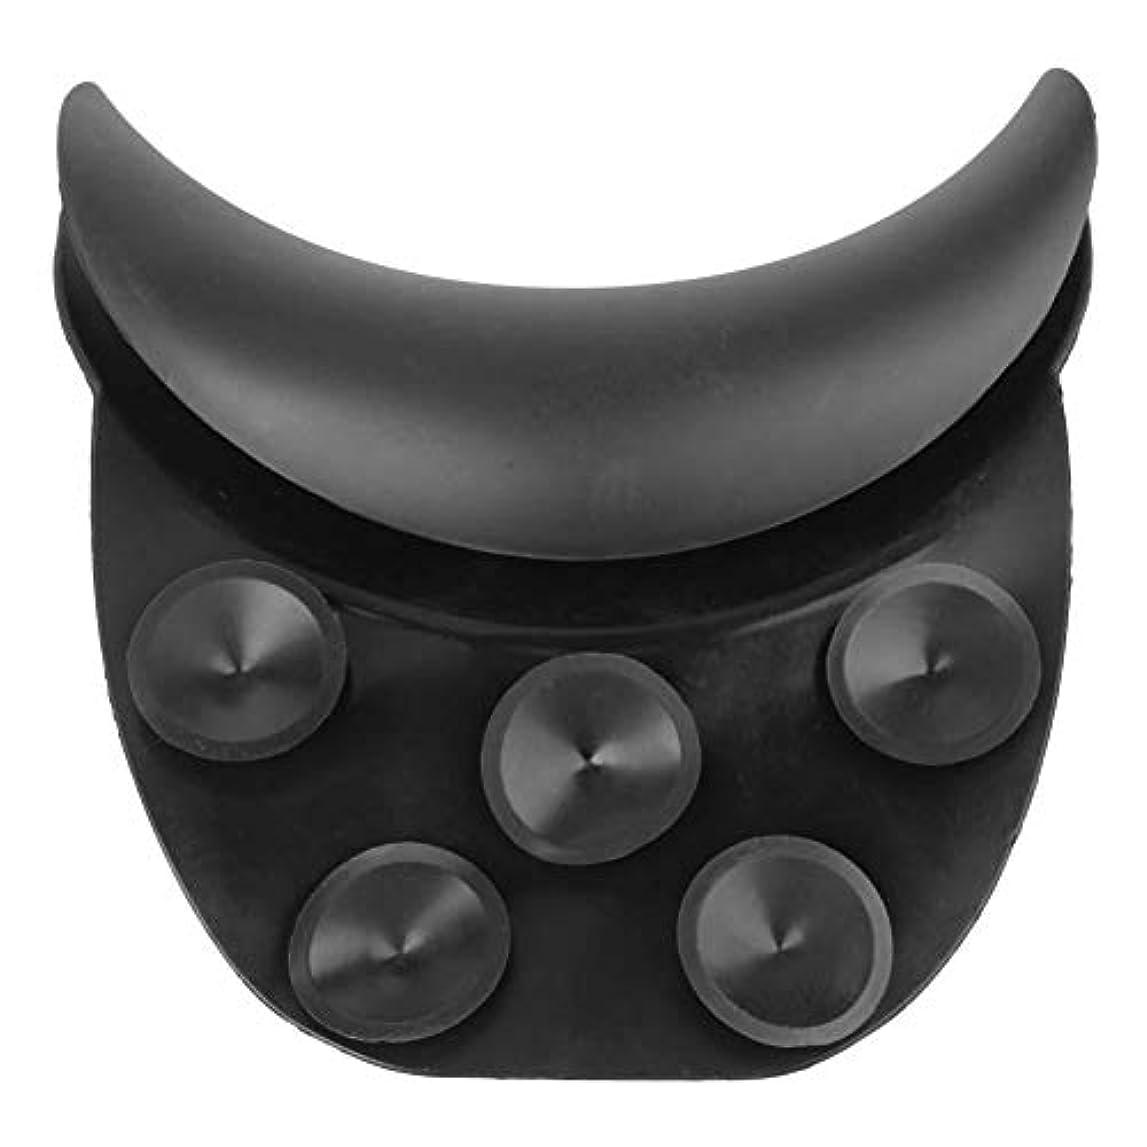 冷える聴覚受益者シリコンネックピロー シャンプー サロンネッククッション 垂直 シャンプーボウル ネックレストピロー サロンヘアウォッシュシンク